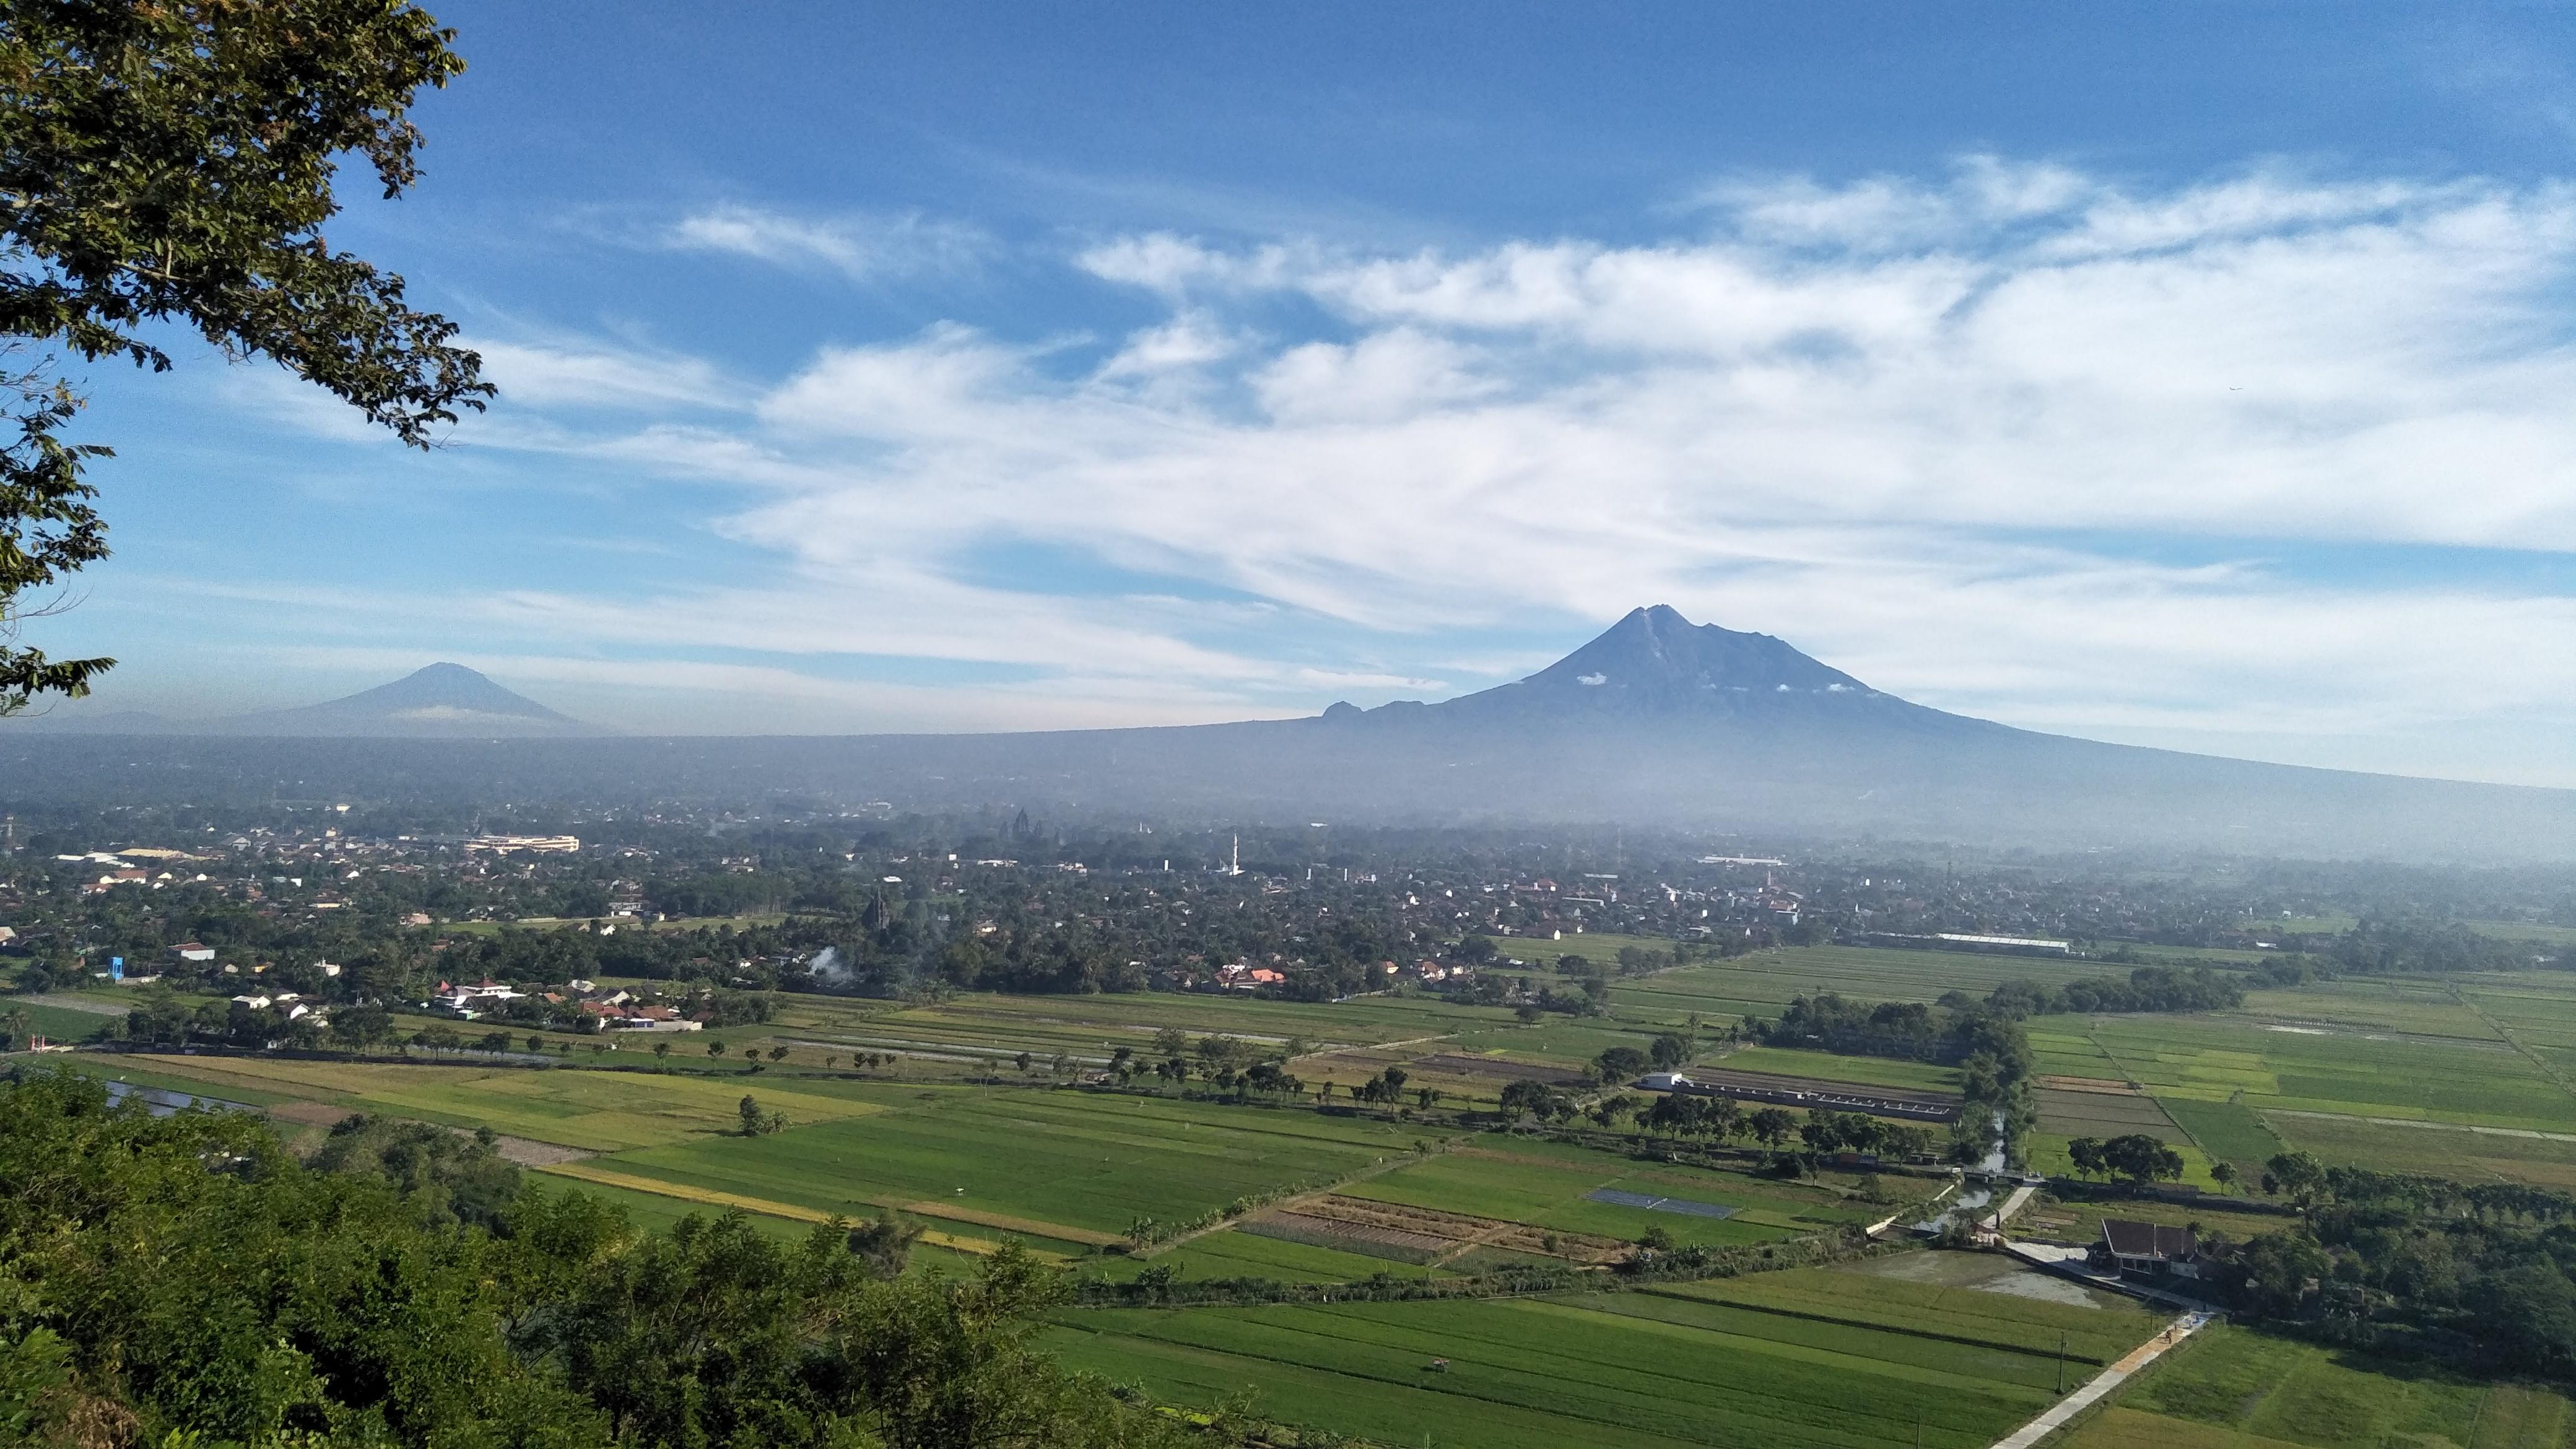 File Merapi Merbabu So Sweet Jpg Wikimedia Commons